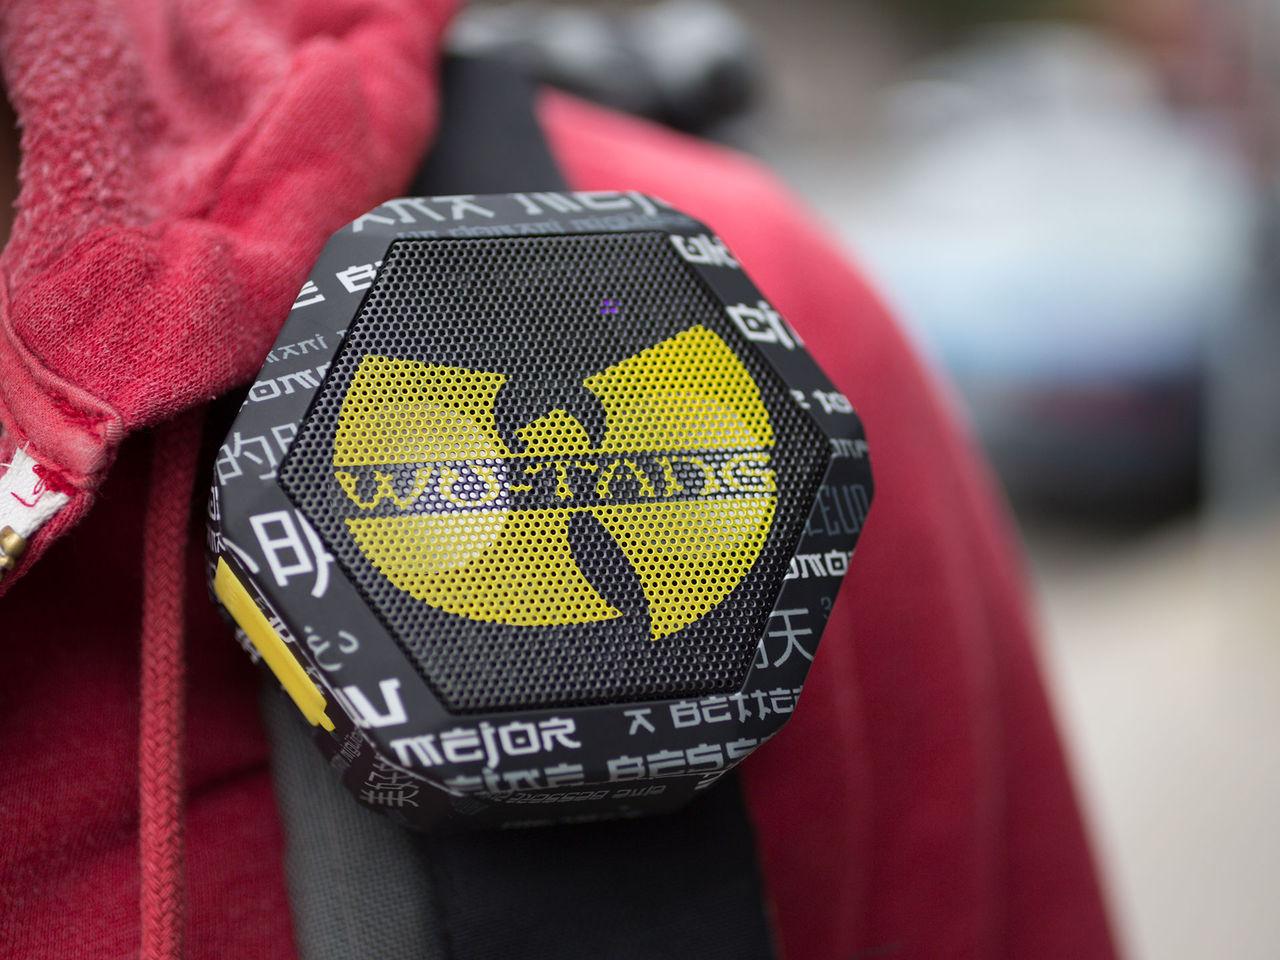 Wu-Tang Clans nästa album säljs i en bärbar högtalare